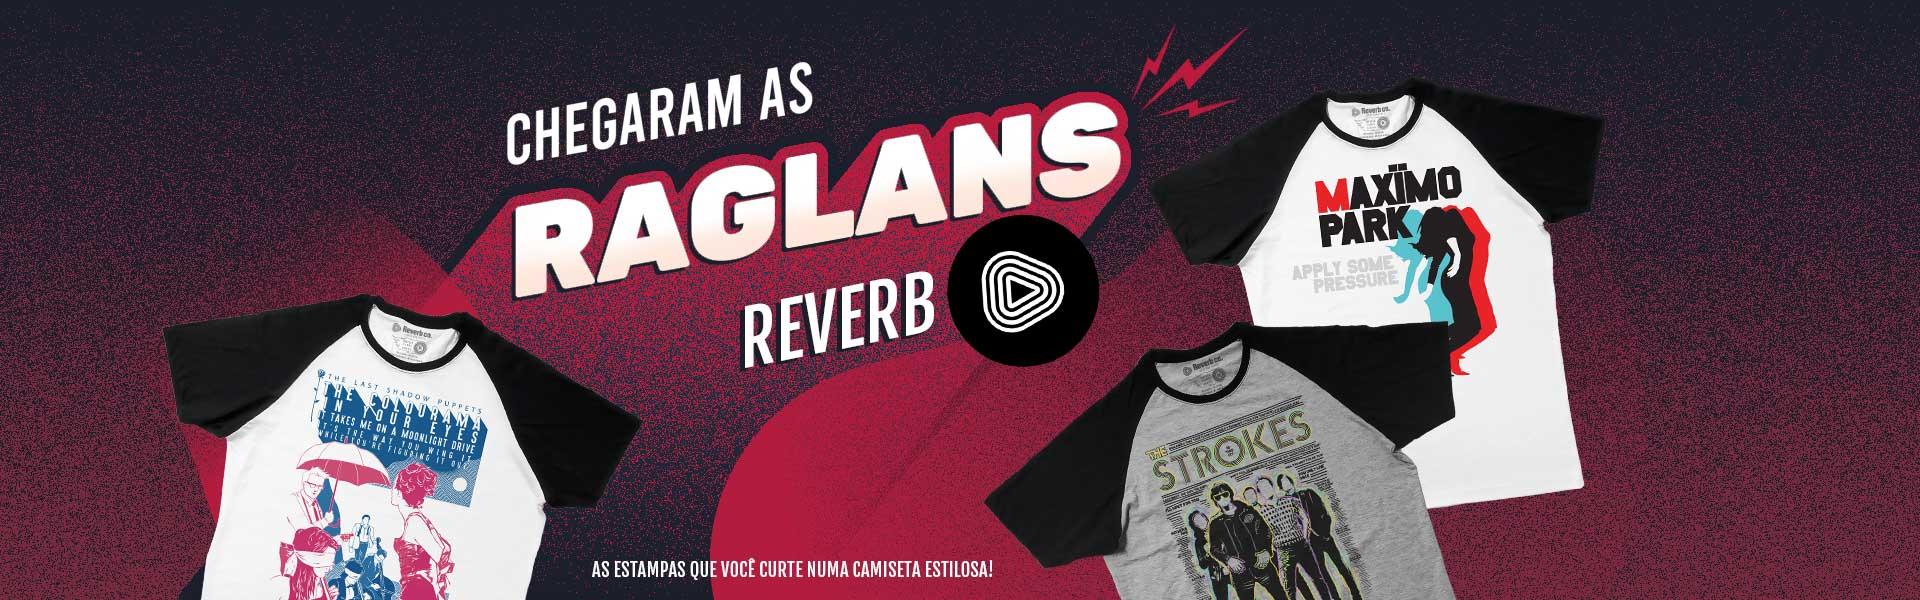 Chegaram as camisetas Raglan da Reverb!